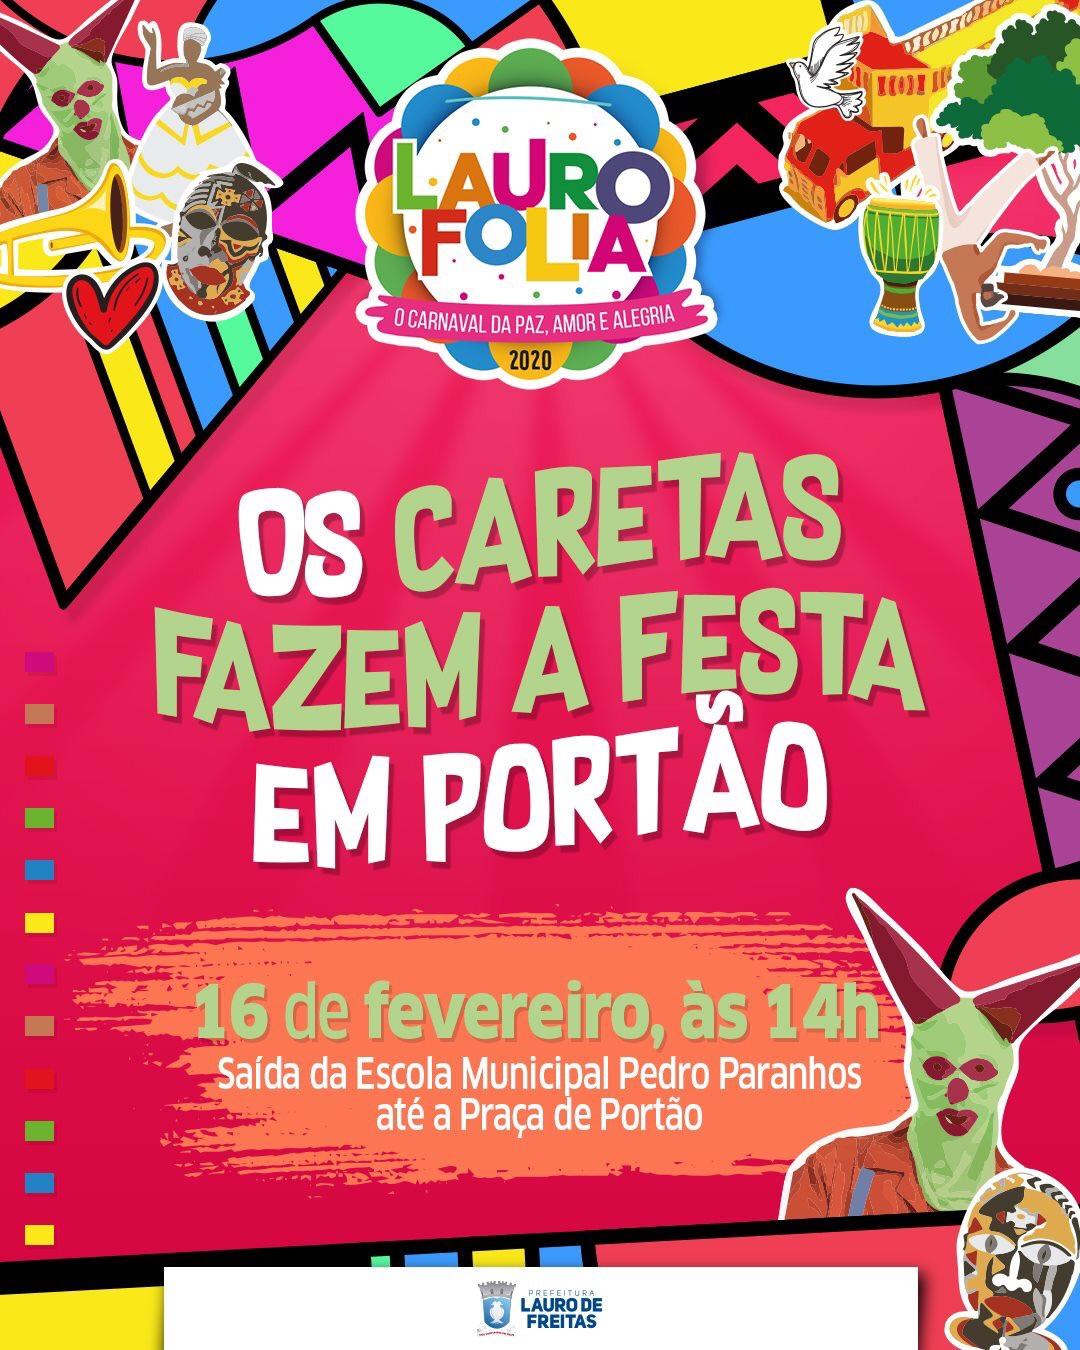 Caretas reforçam tradição no Carnaval de Portão neste domingo (16)